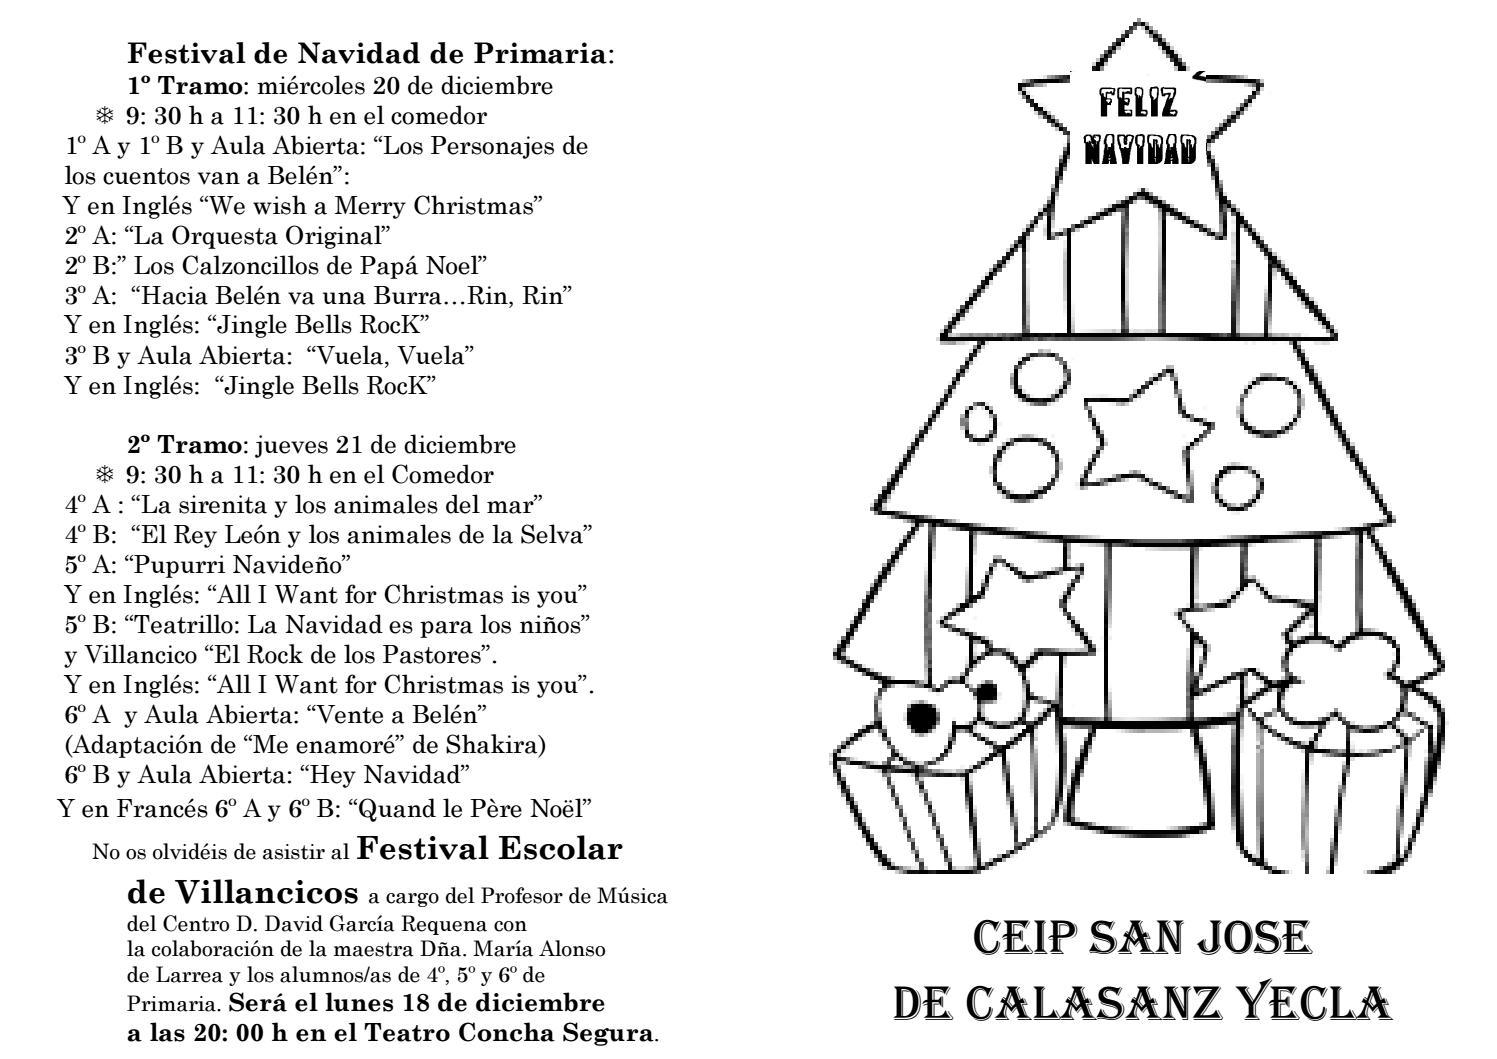 Villancicos de navidad los calzoncillos de papa noel